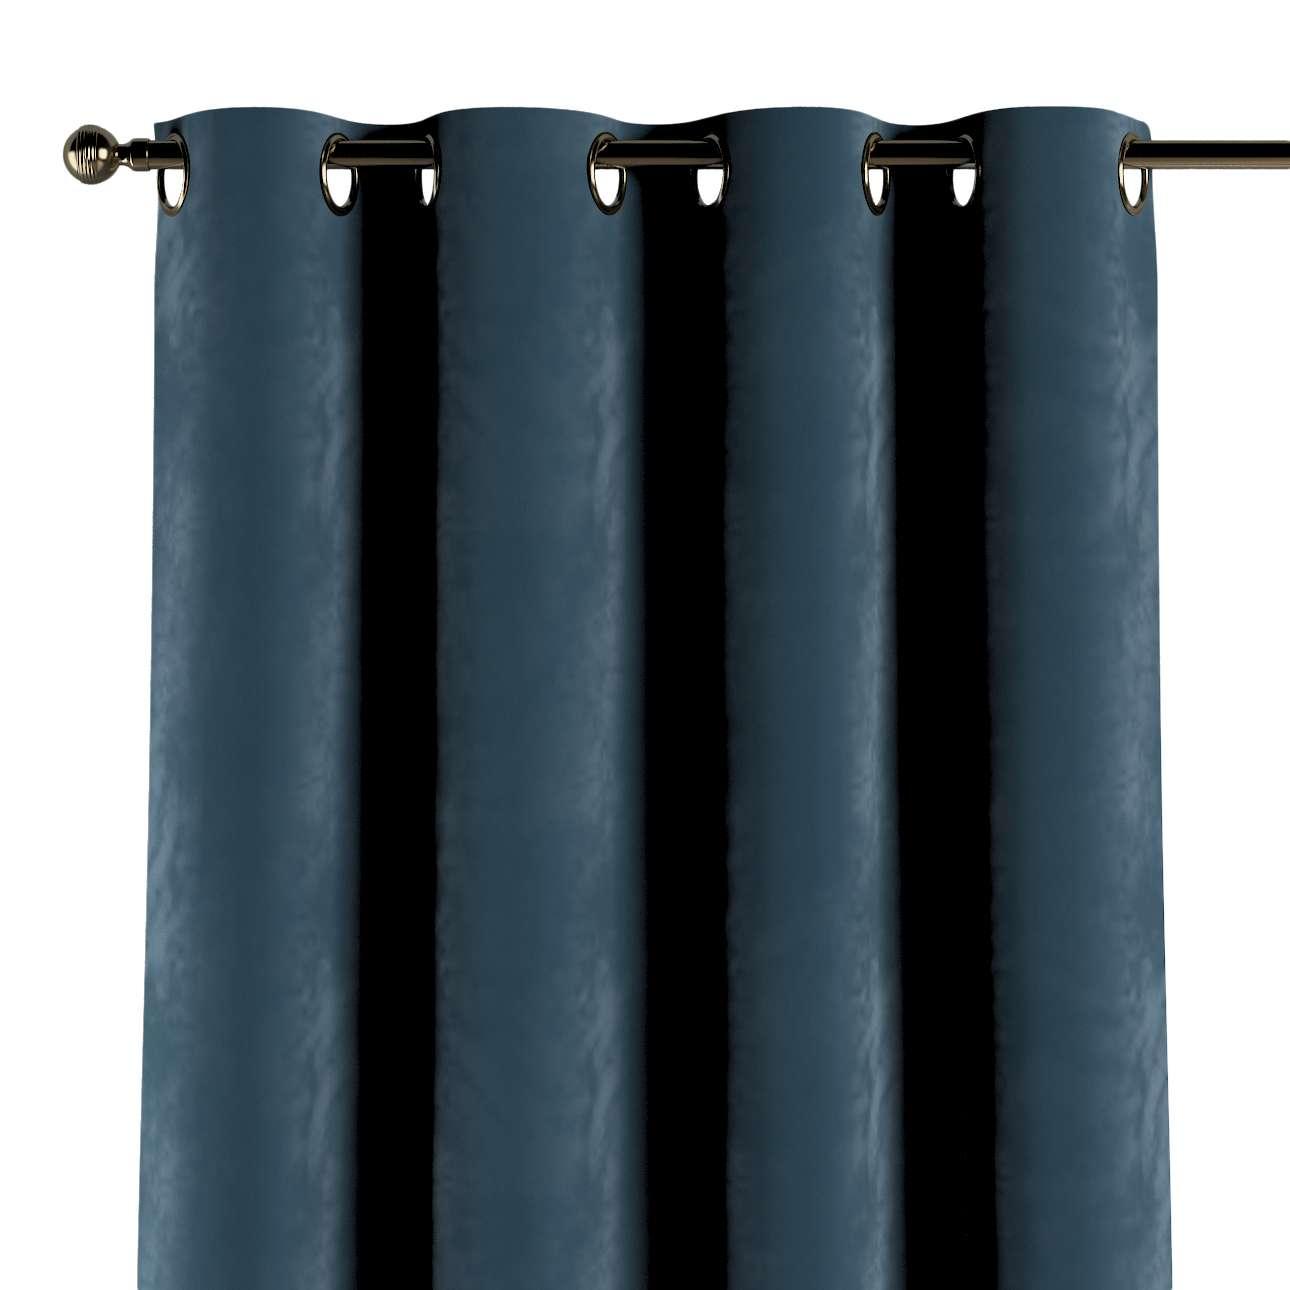 Závěs na kroužcích v kolekci Velvet, látka: 704-16